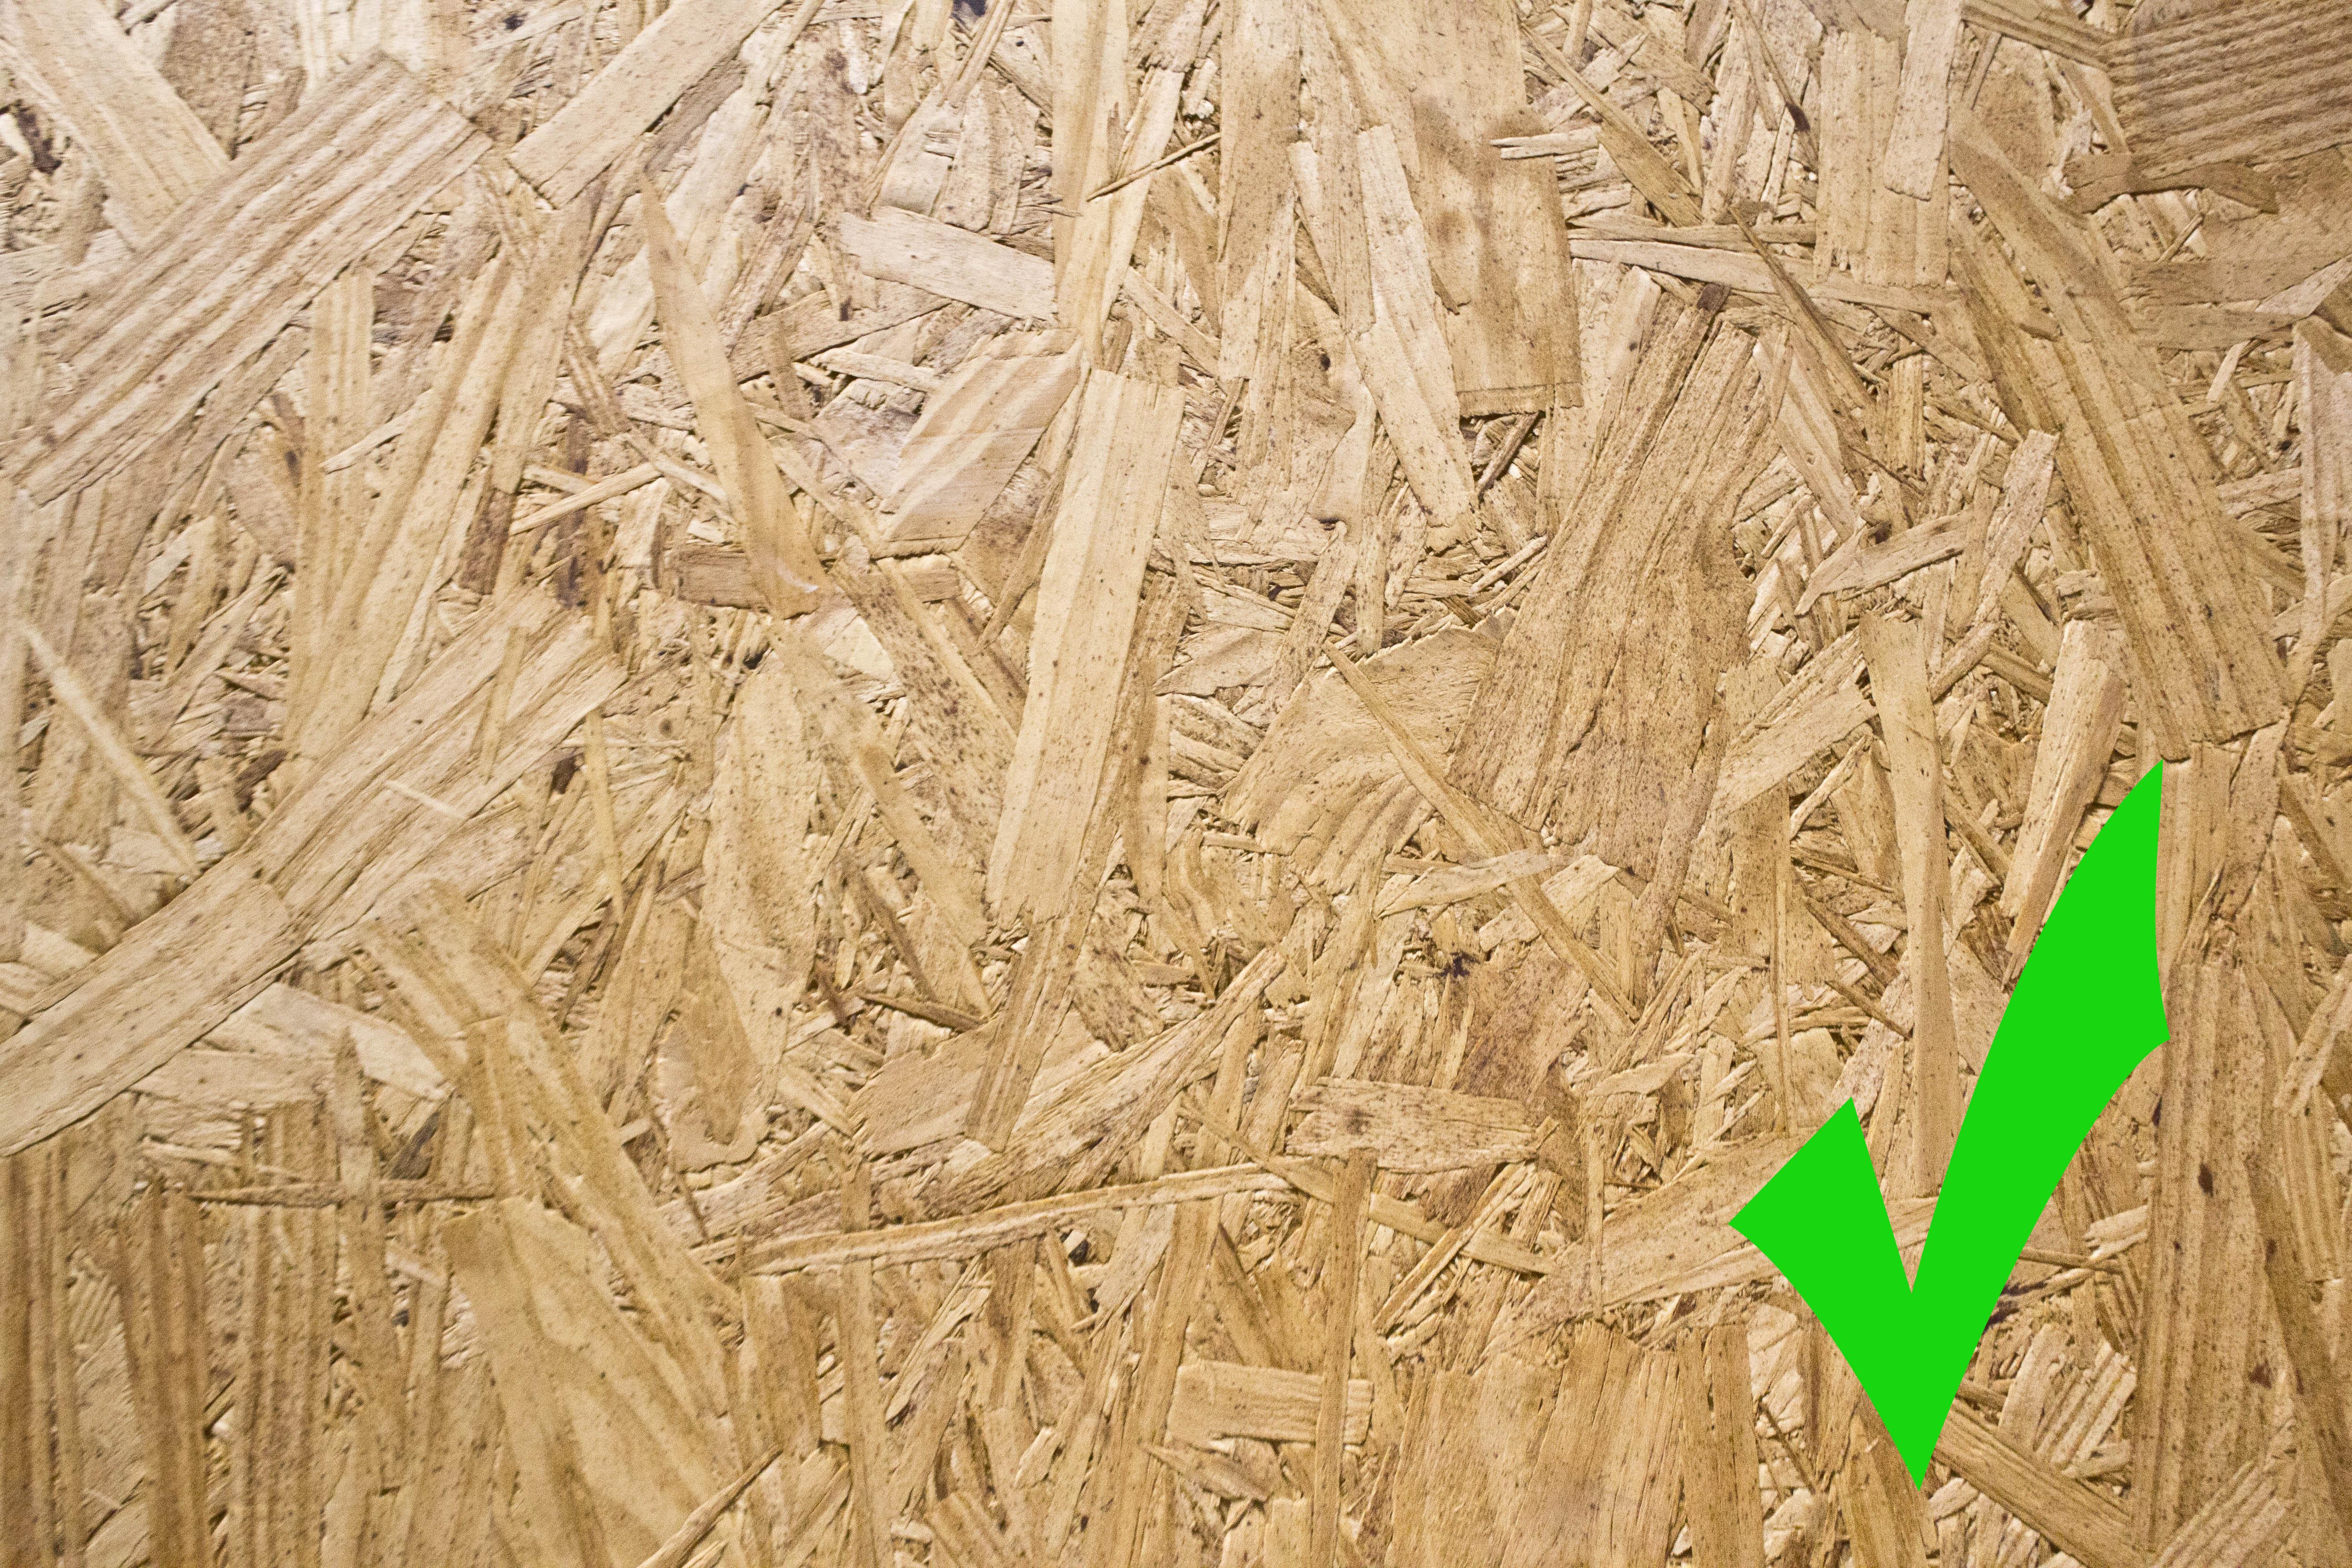 hardwood floor underlayment of how to install vapor 3 in 1 silver underlayment within cement subfloor wood subfloor